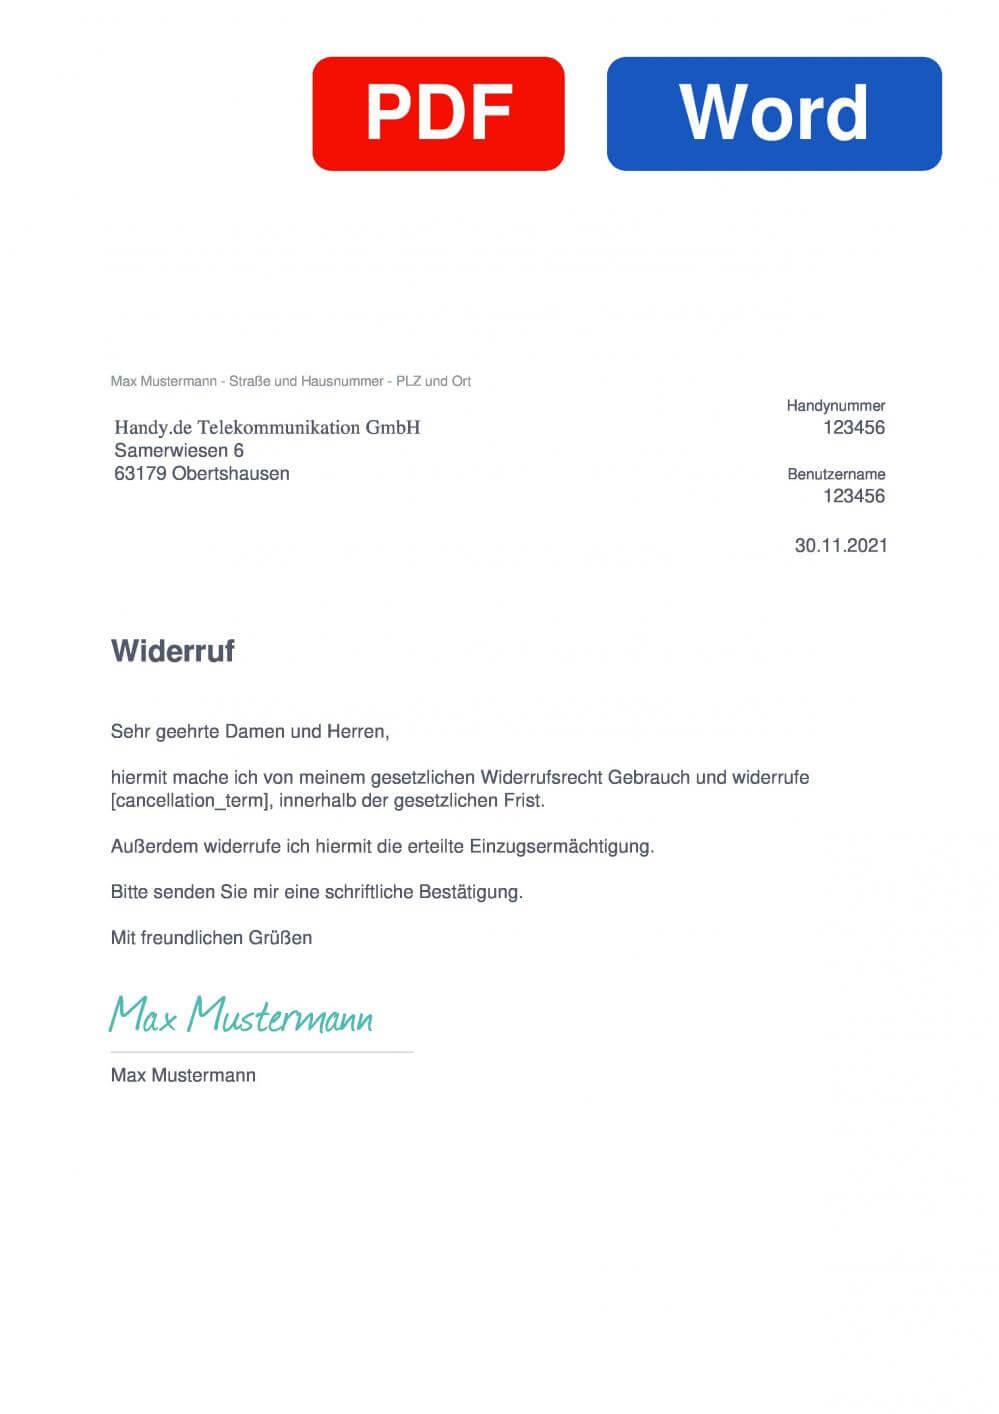 handy.de Muster Vorlage für Wiederrufsschreiben